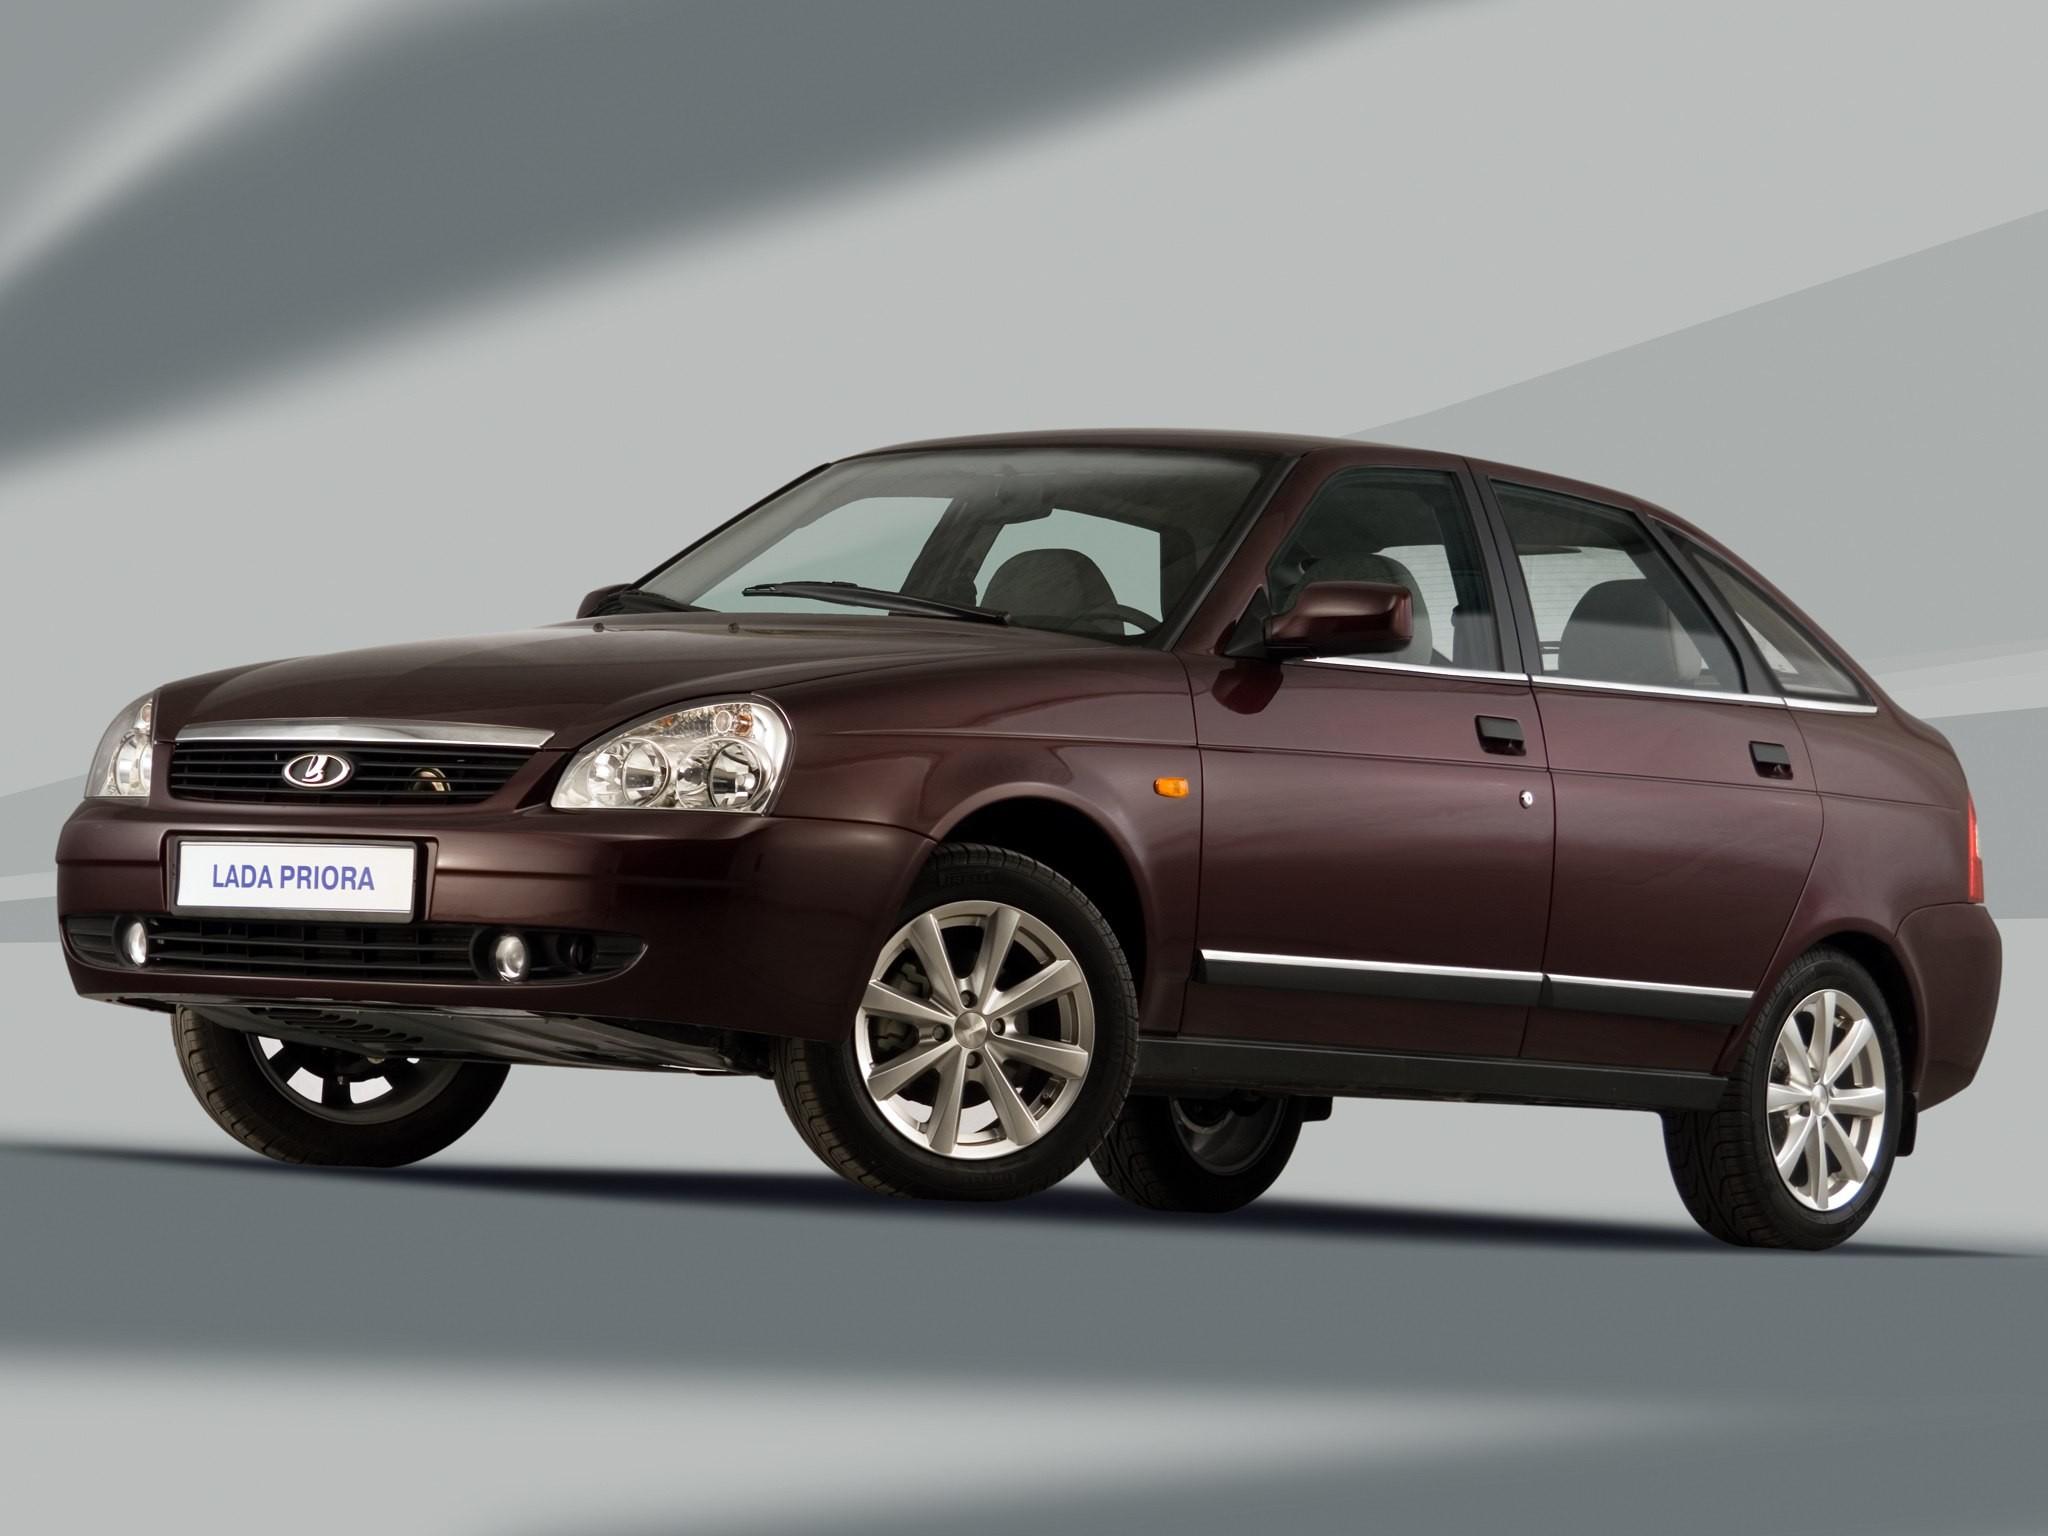 АвтоВАЗ убрал с официального сайта хэтчбек и универсал Lada Priora